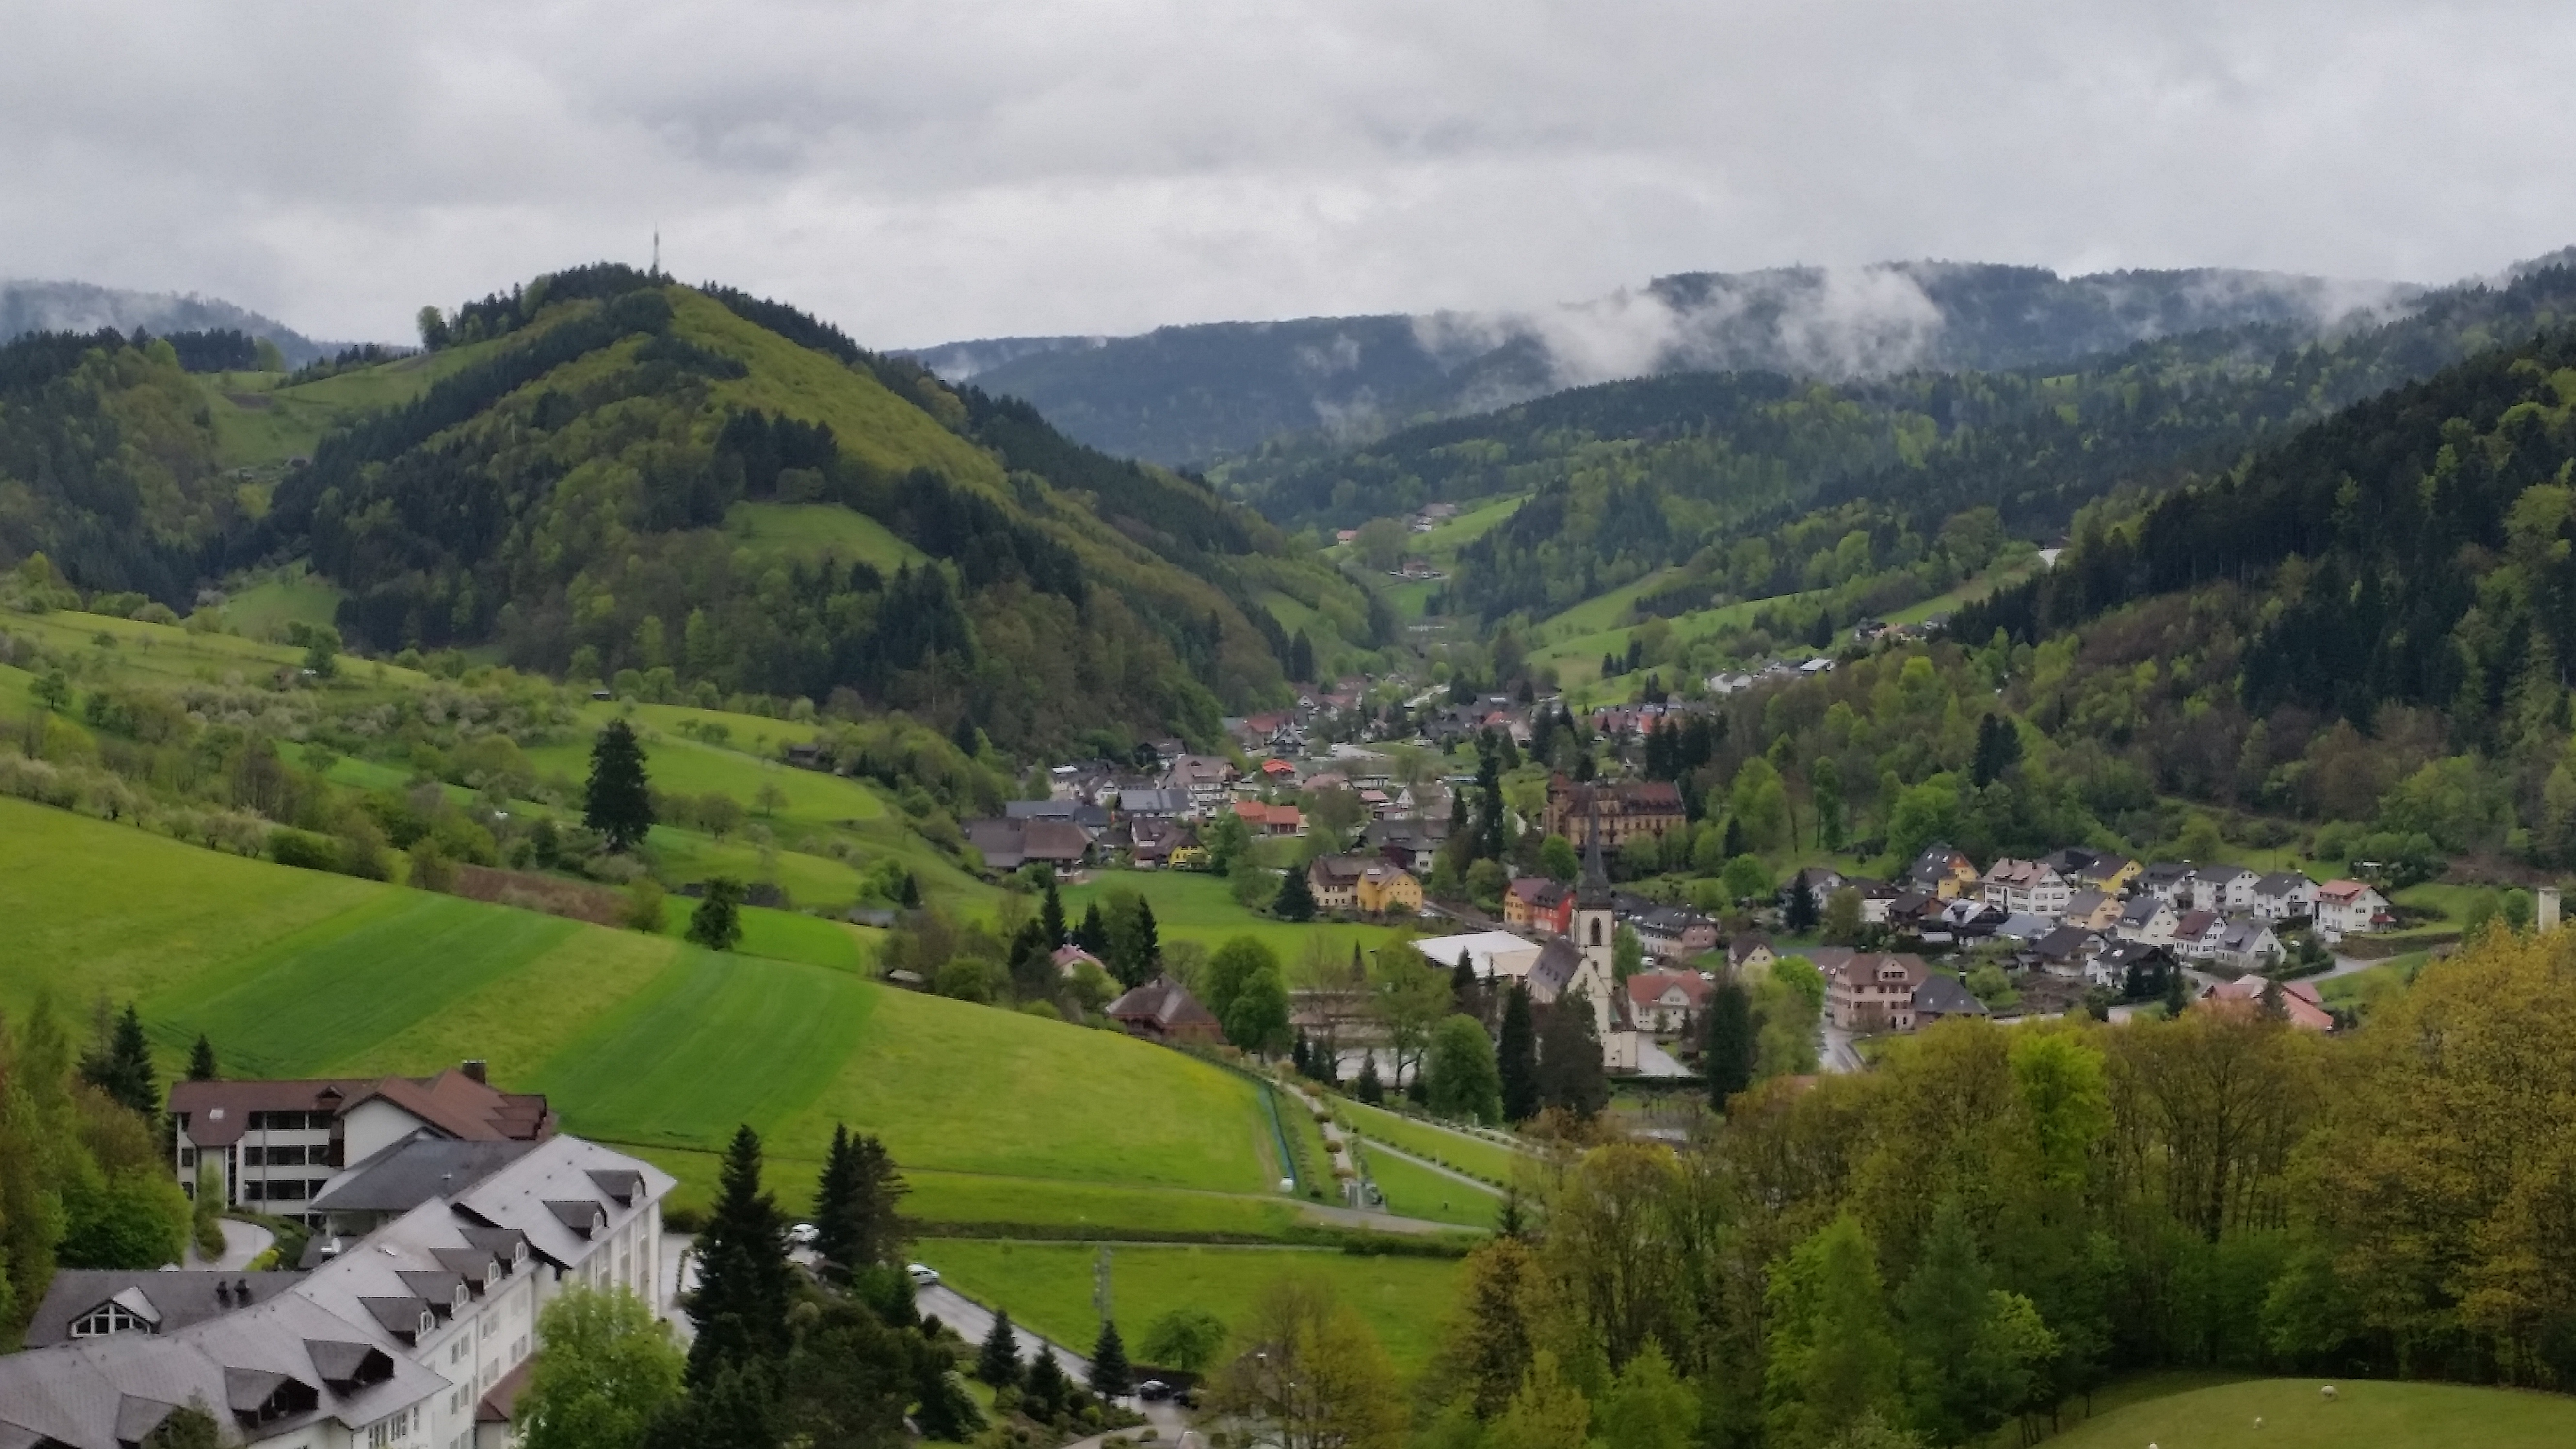 Aussblick oberhalb der Winkelwaldklinik